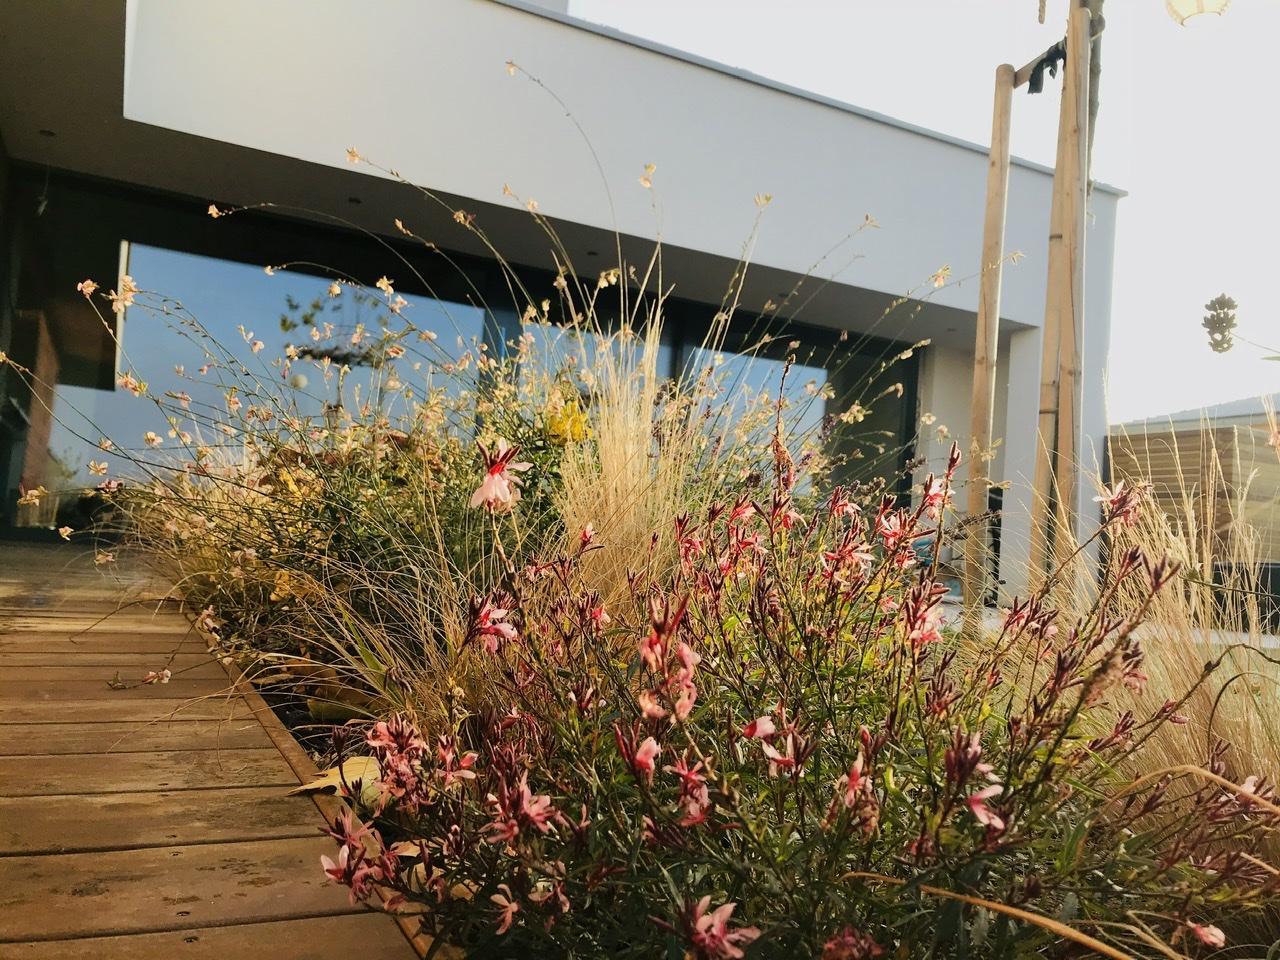 Naše L-ko začiatok 4. roku bývania - Dnešné krásné mrazivé ráno, vonku je -2 stupne a vytrvalé kvety na južnej strane v zovretí domu si kvitnú akoby nebol pomaly prosinec  :)